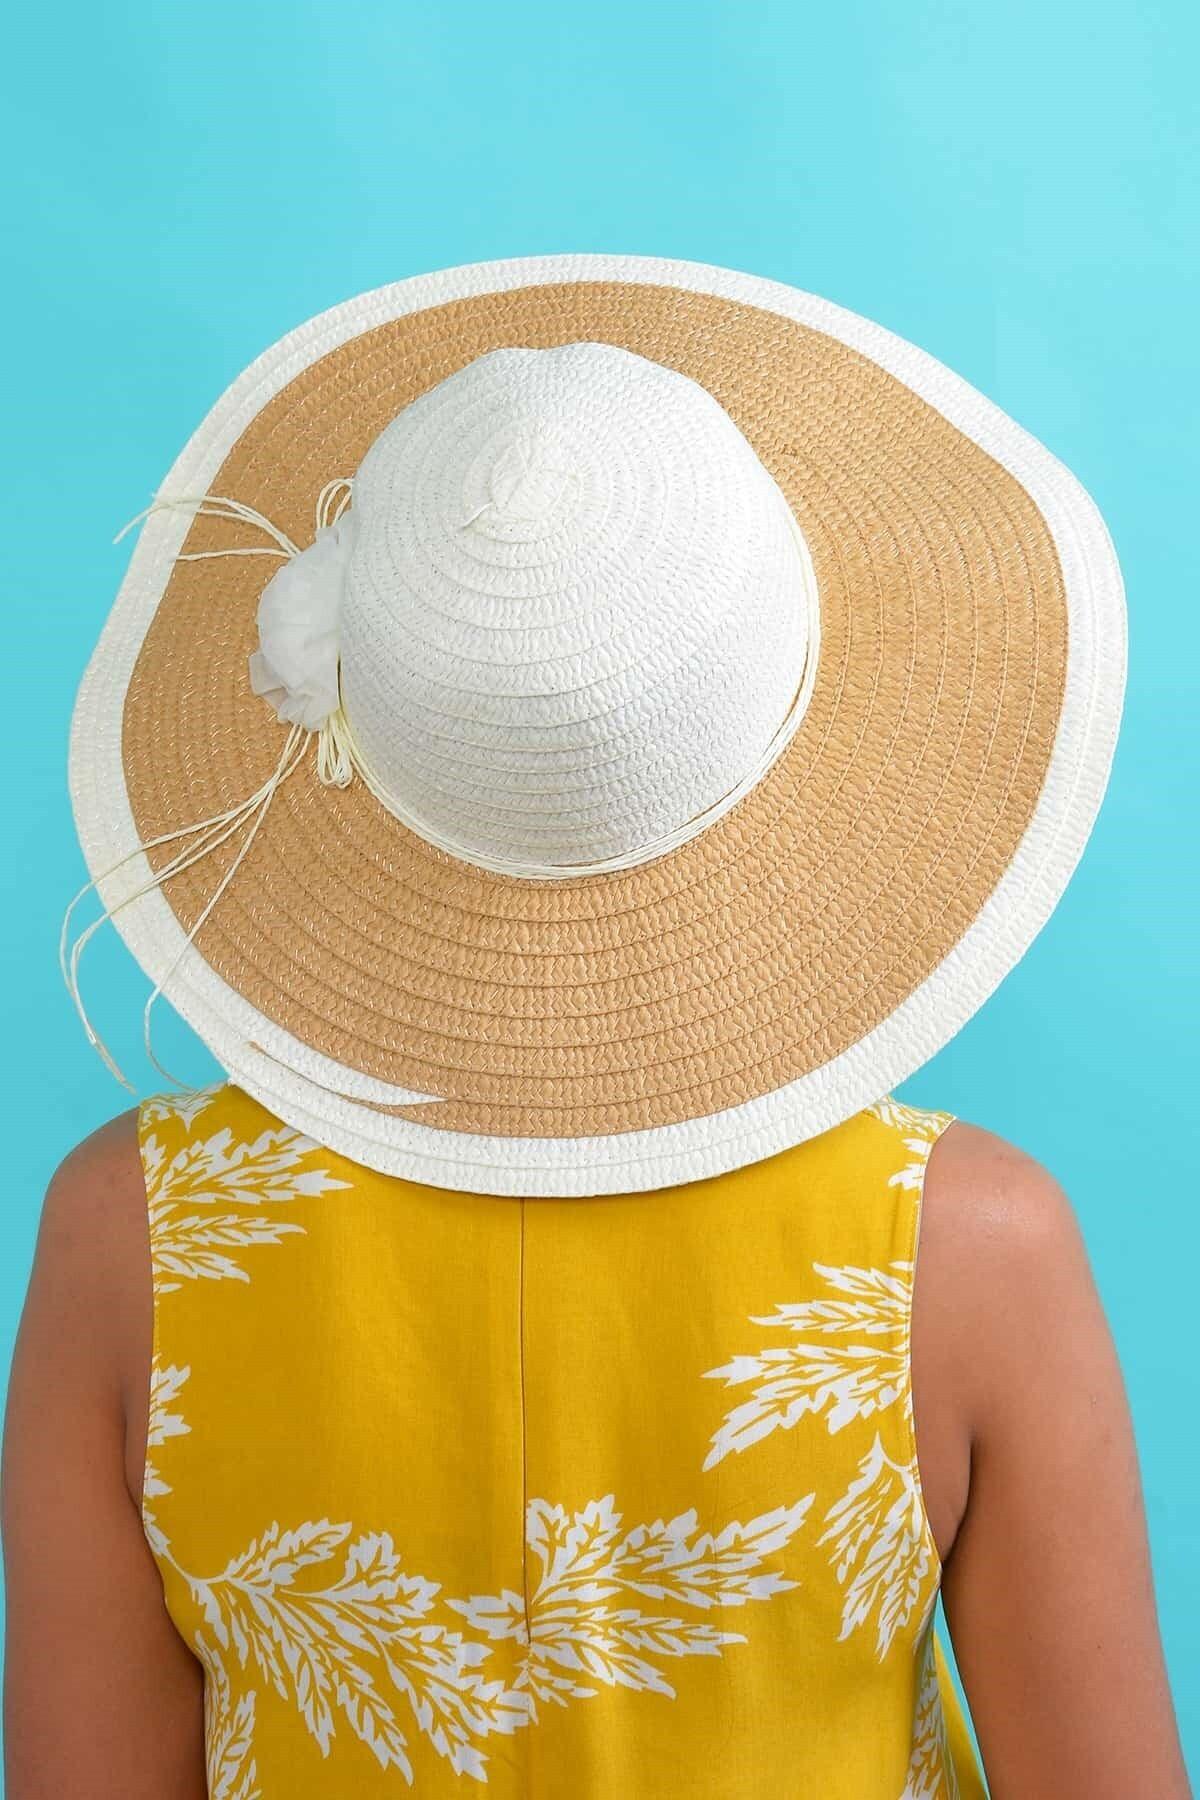 Mossta Kadın Ekru Çiçekli Hasır Şapka 1